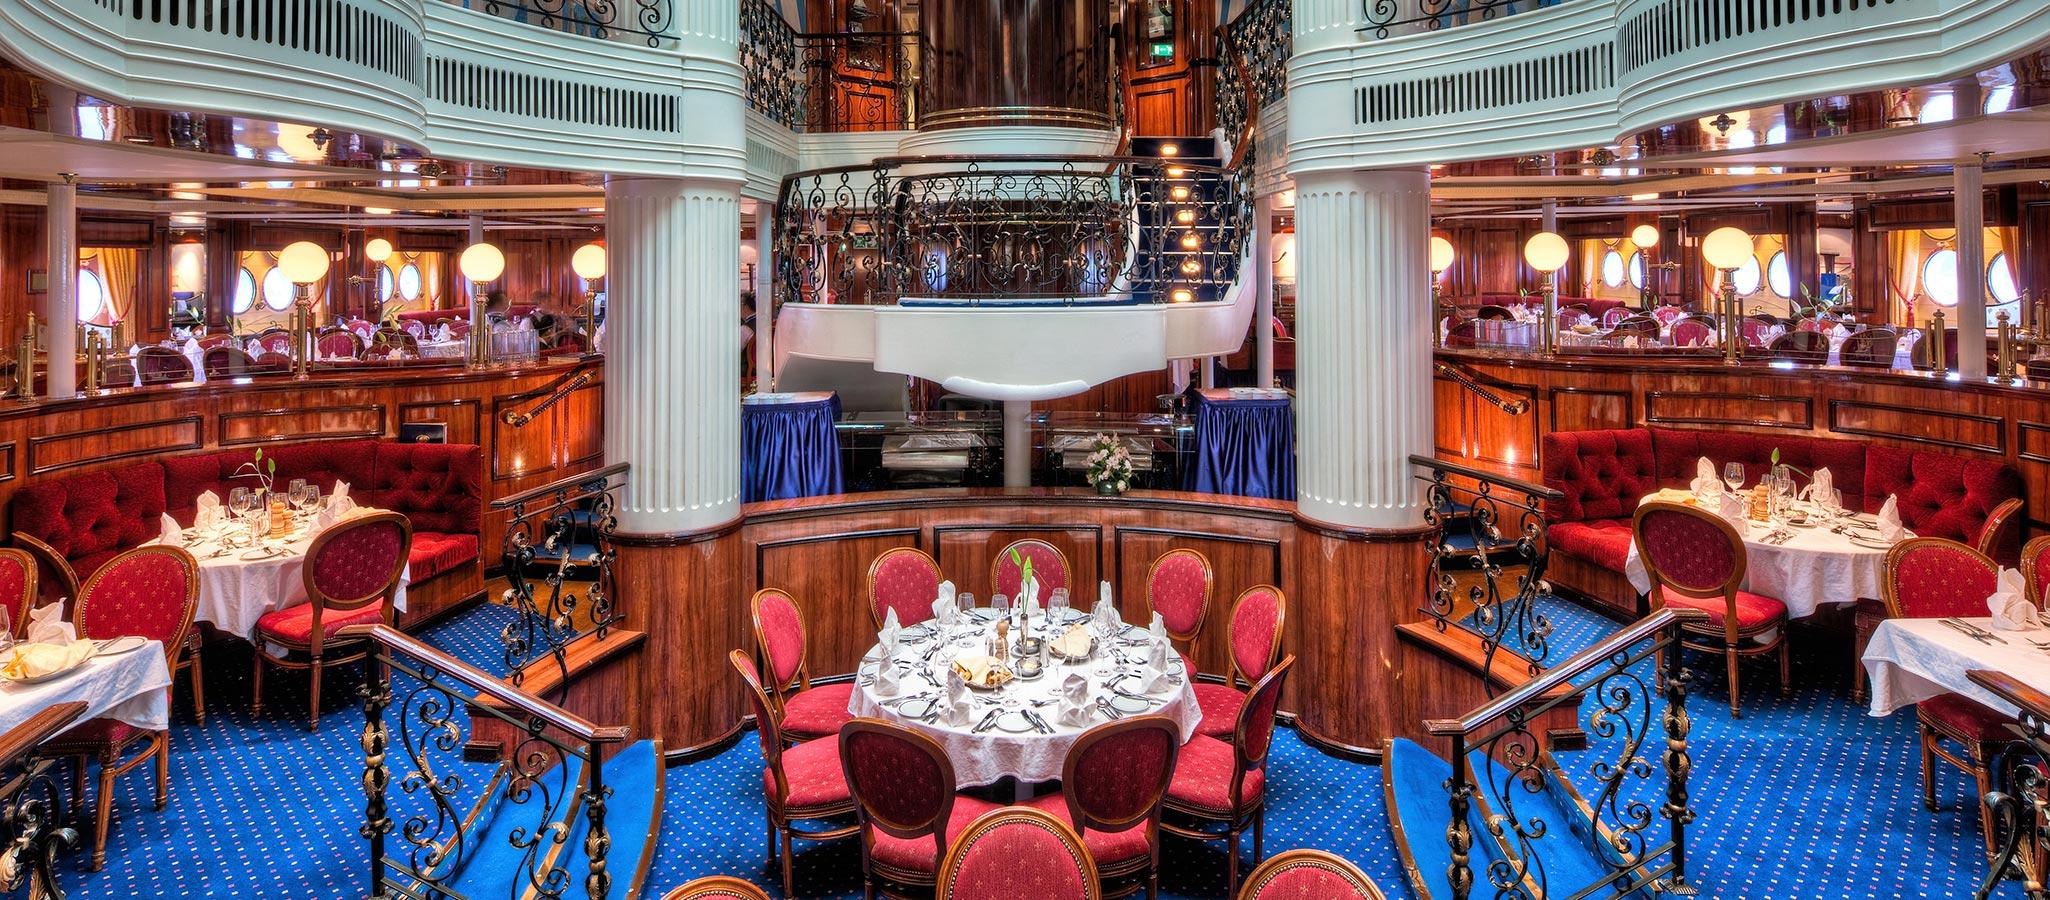 Spektakulär auch das Atrium-Restaurant im Stil eines mondänen Windjammers. Der würdige Rahmen für ein Gala-Dinner.